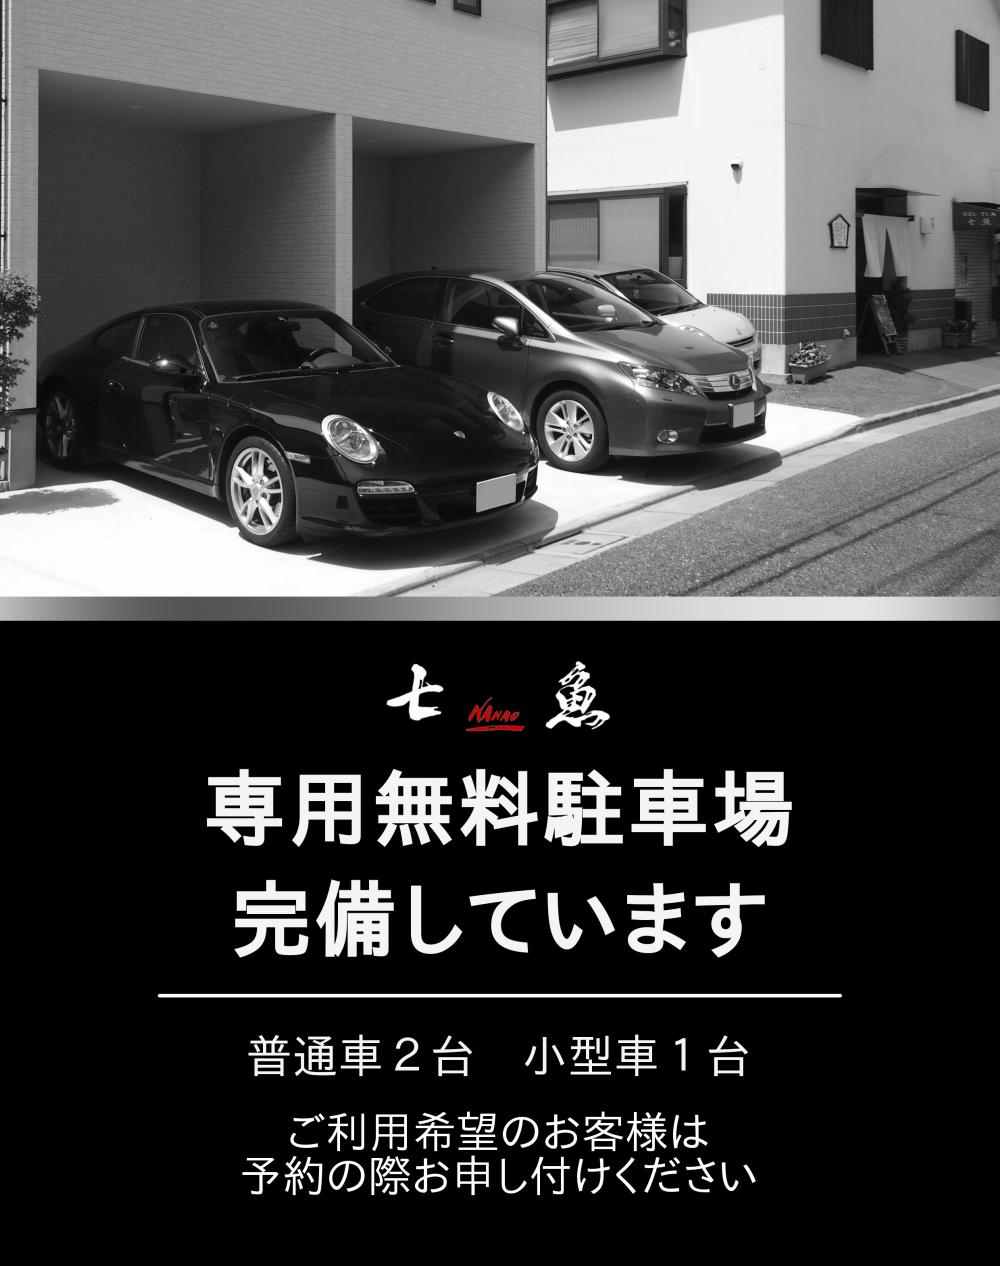 七魚の店舗で法事の食事会【お斎】